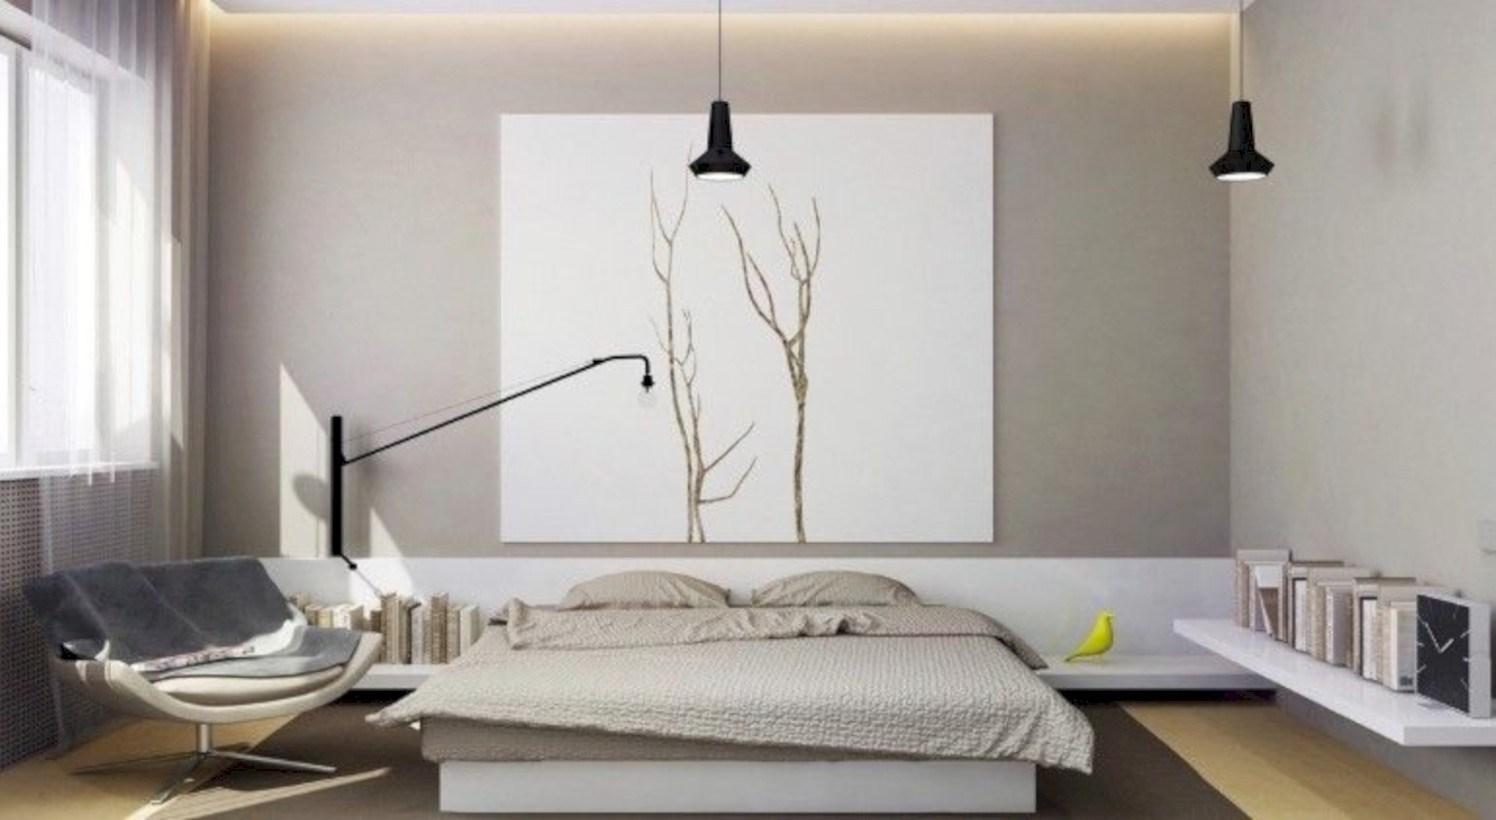 Minimalist master bedroom decoration ideas 43